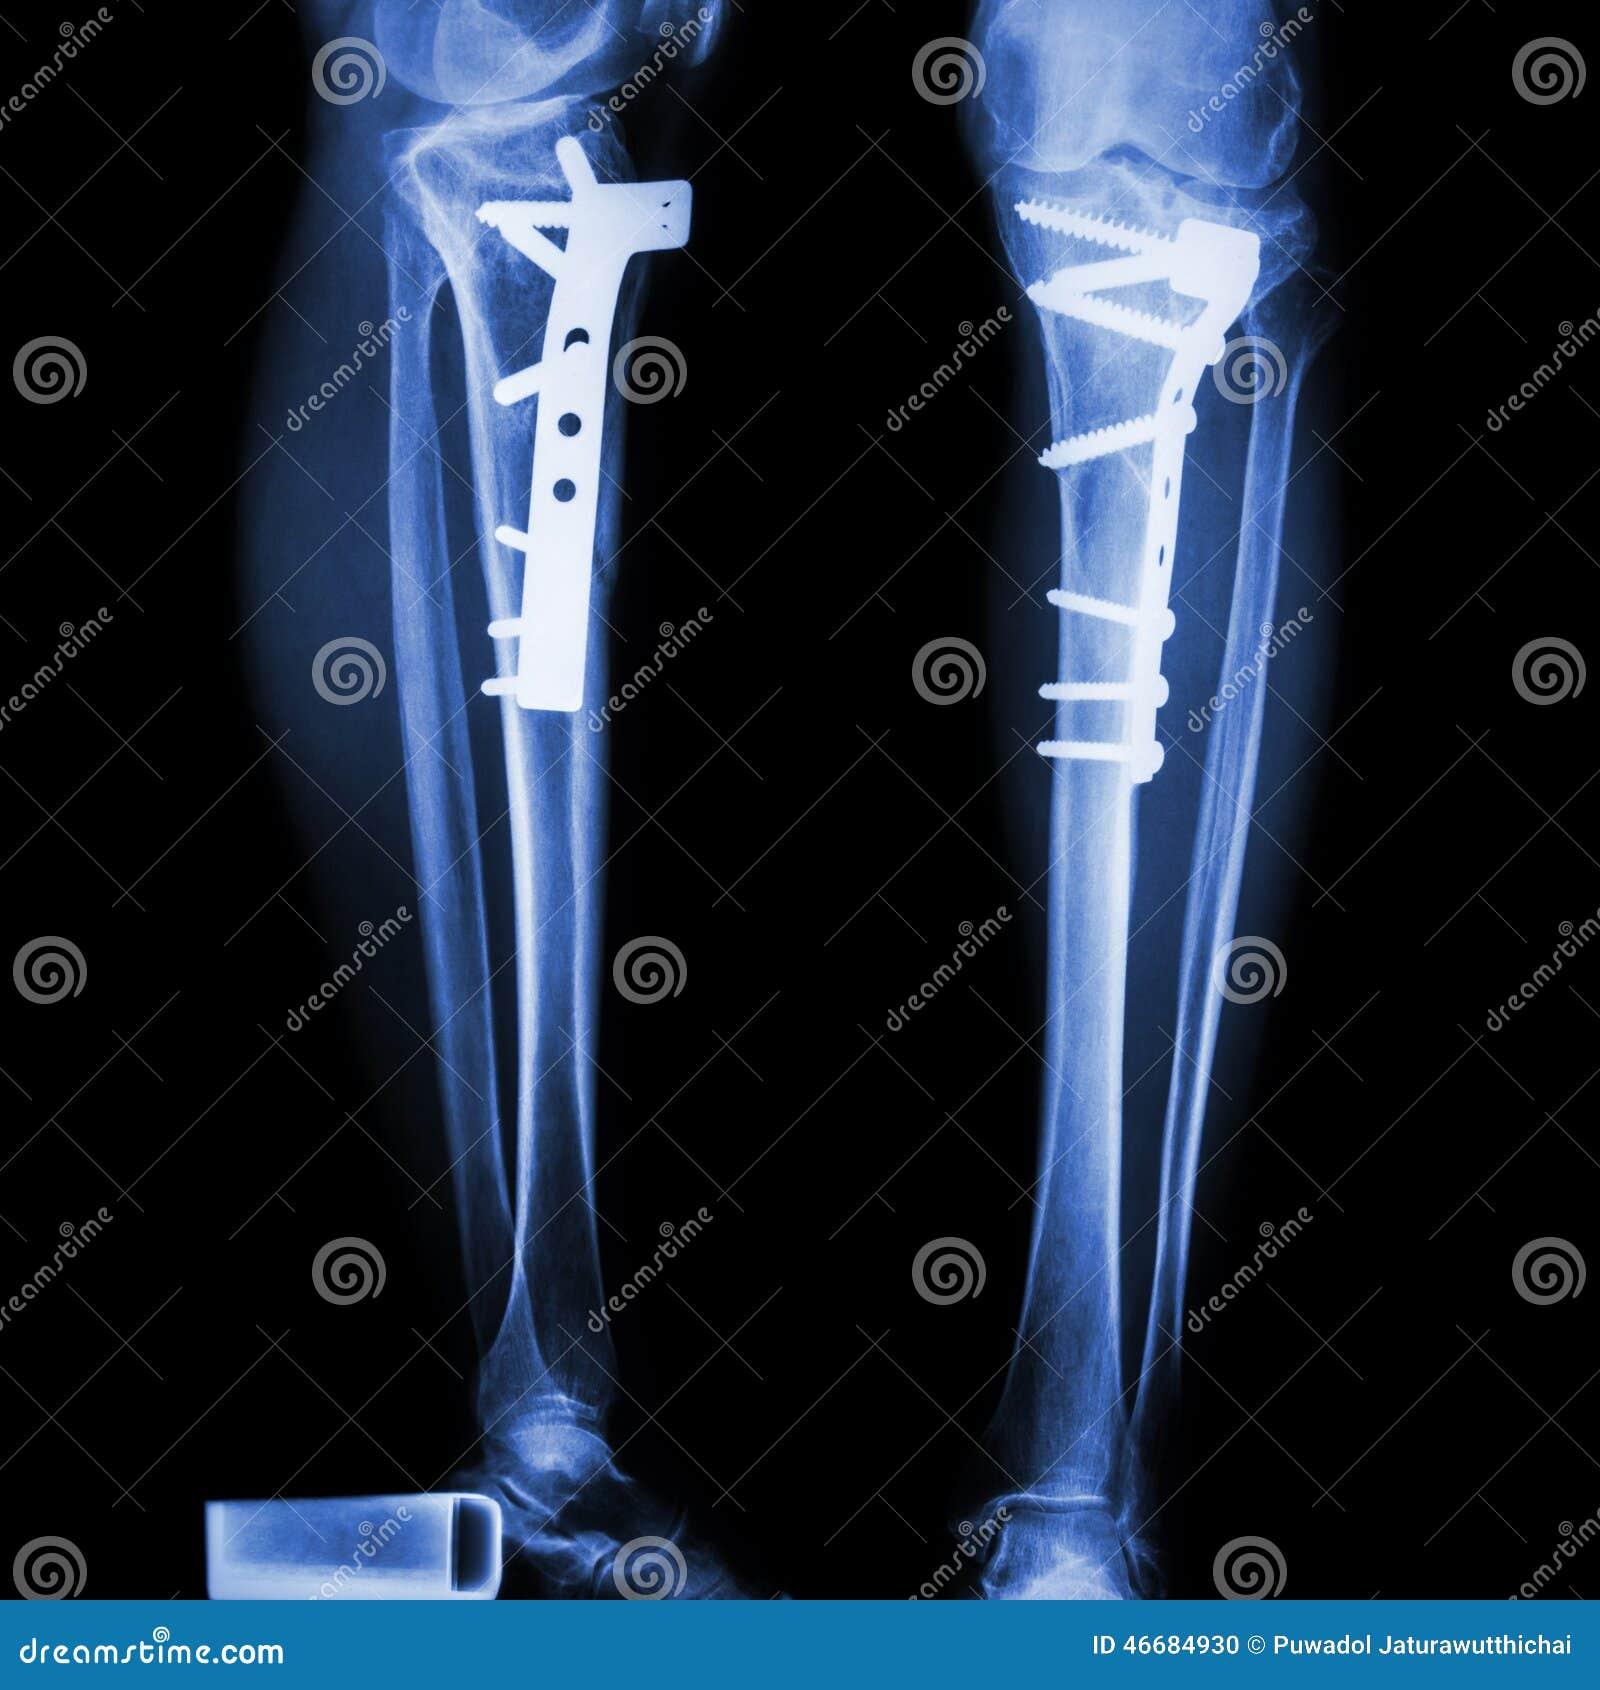 Берце трещиноватости (косточка ноги) E